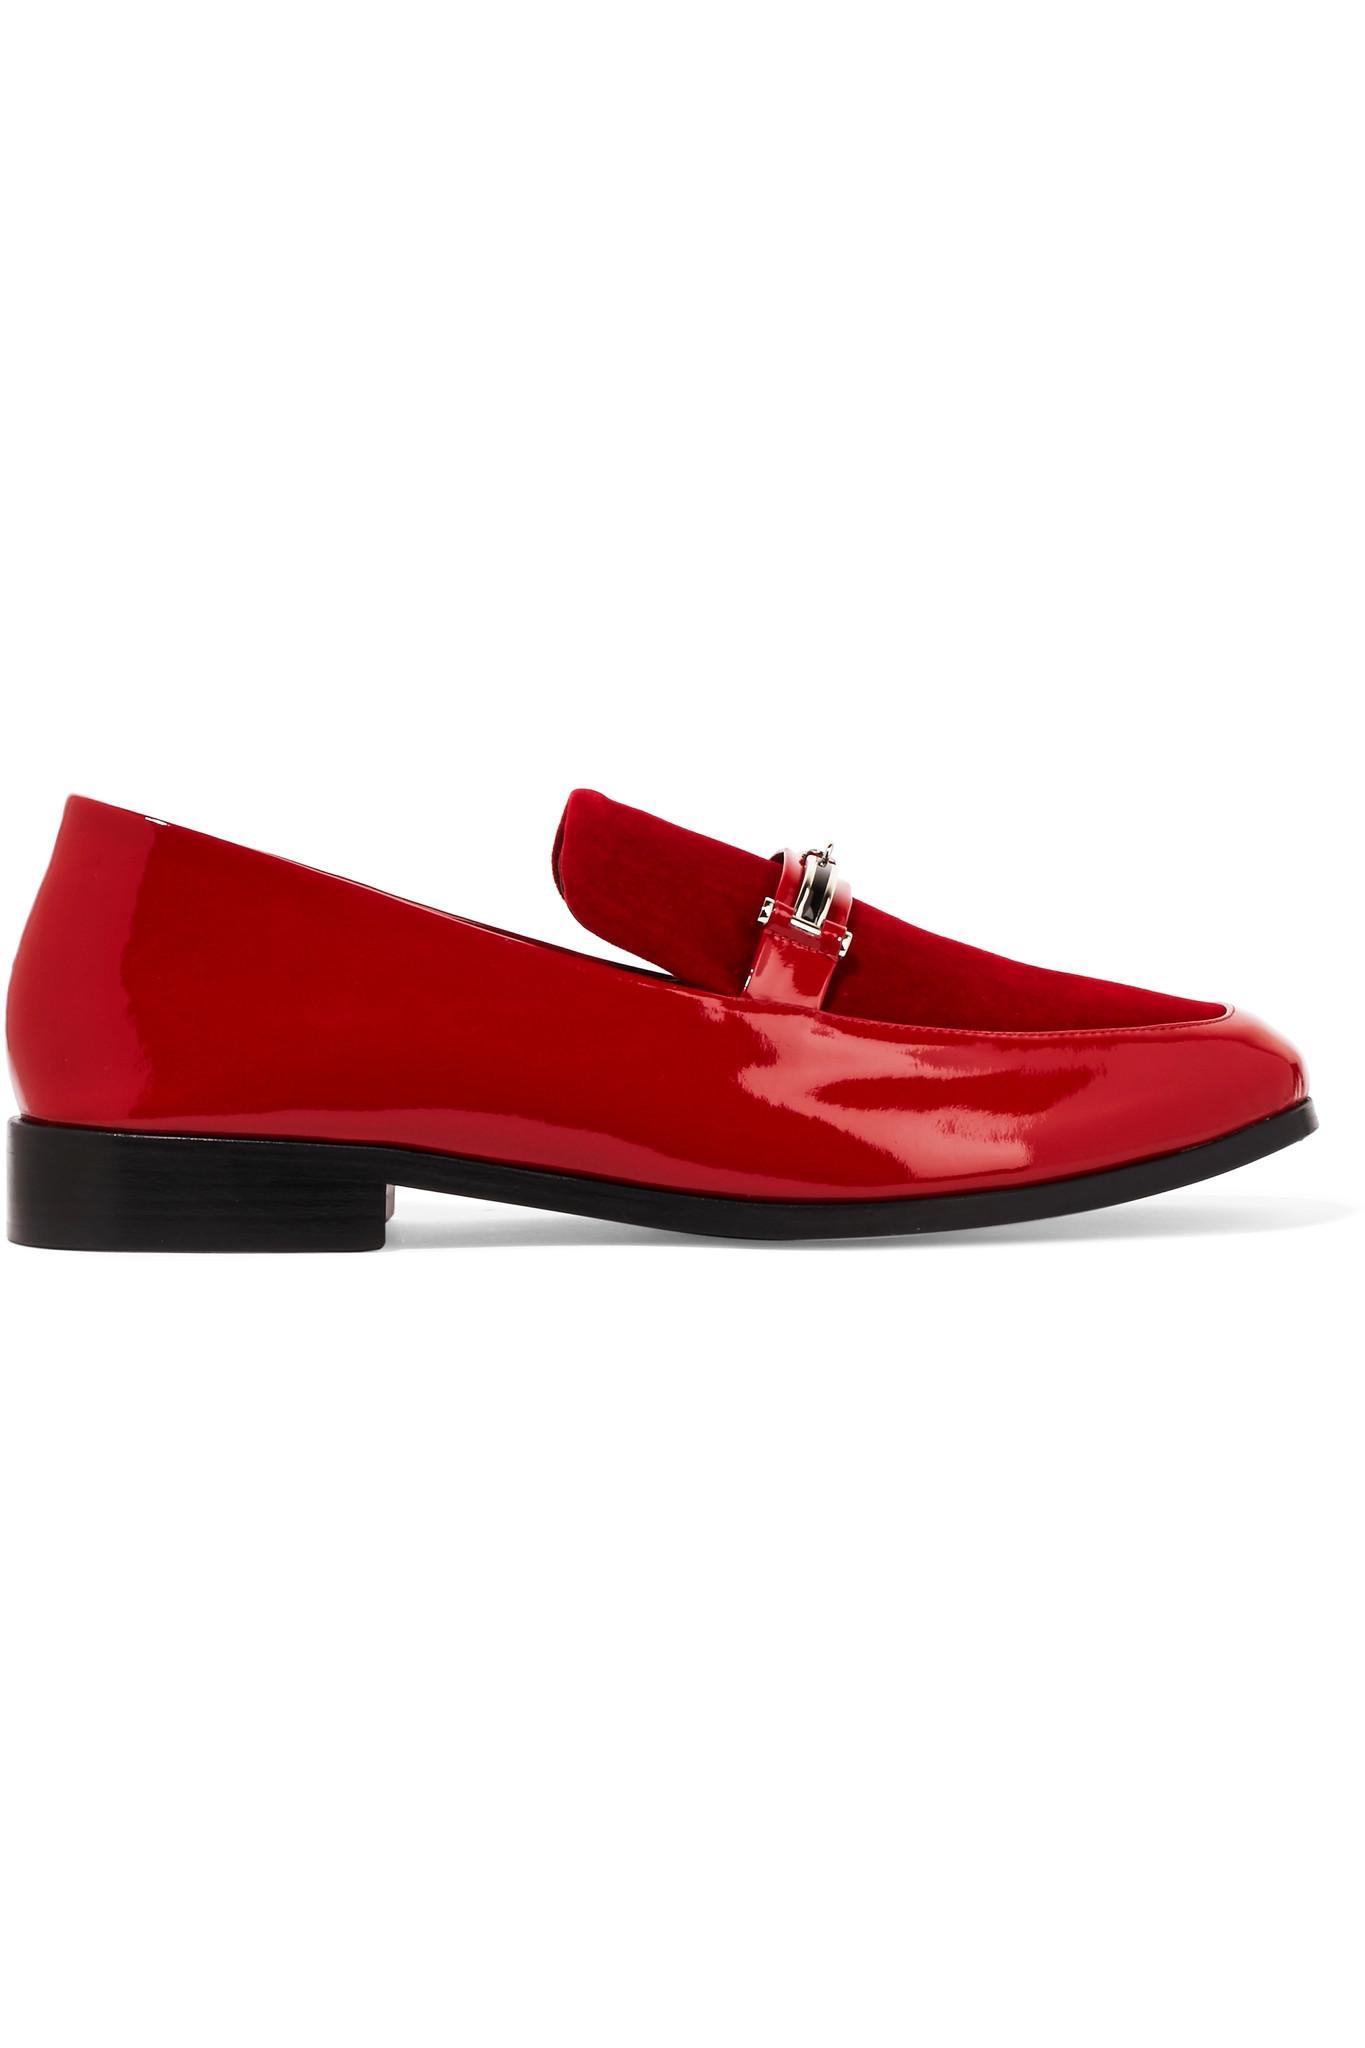 176b396f121 Lyst - Newbark Melanie Velvet-paneled Patent-leather Loafers in Red